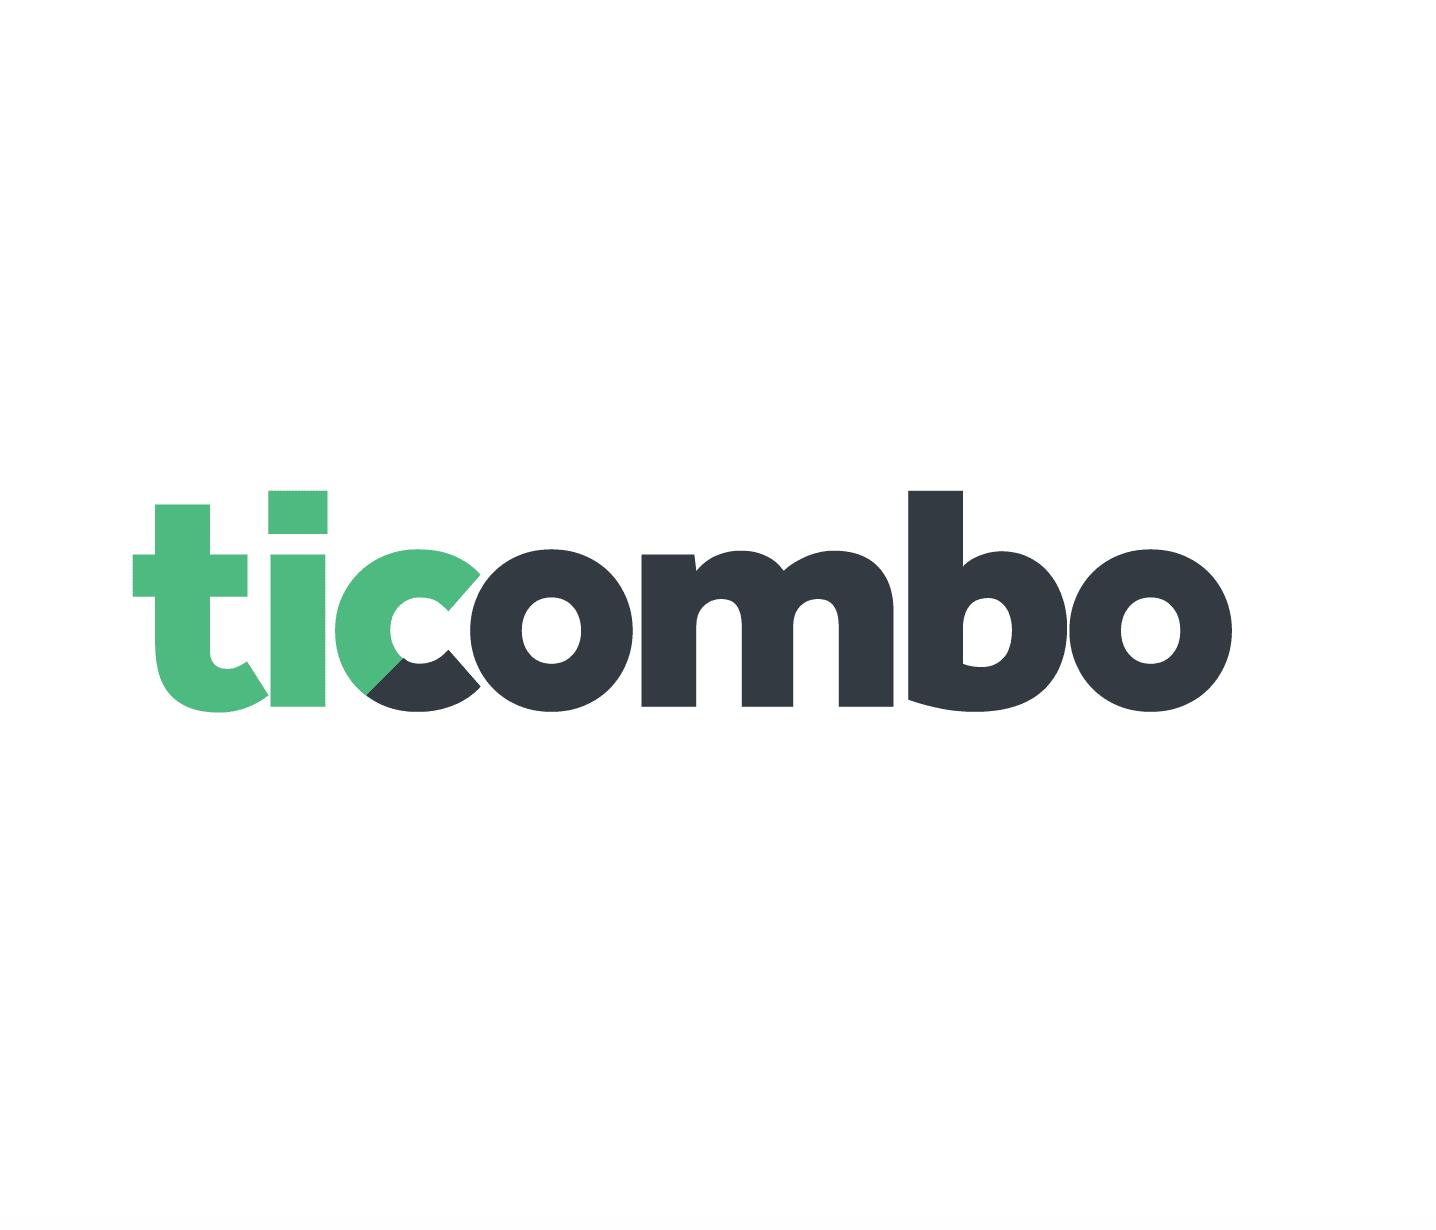 Ticombo logo